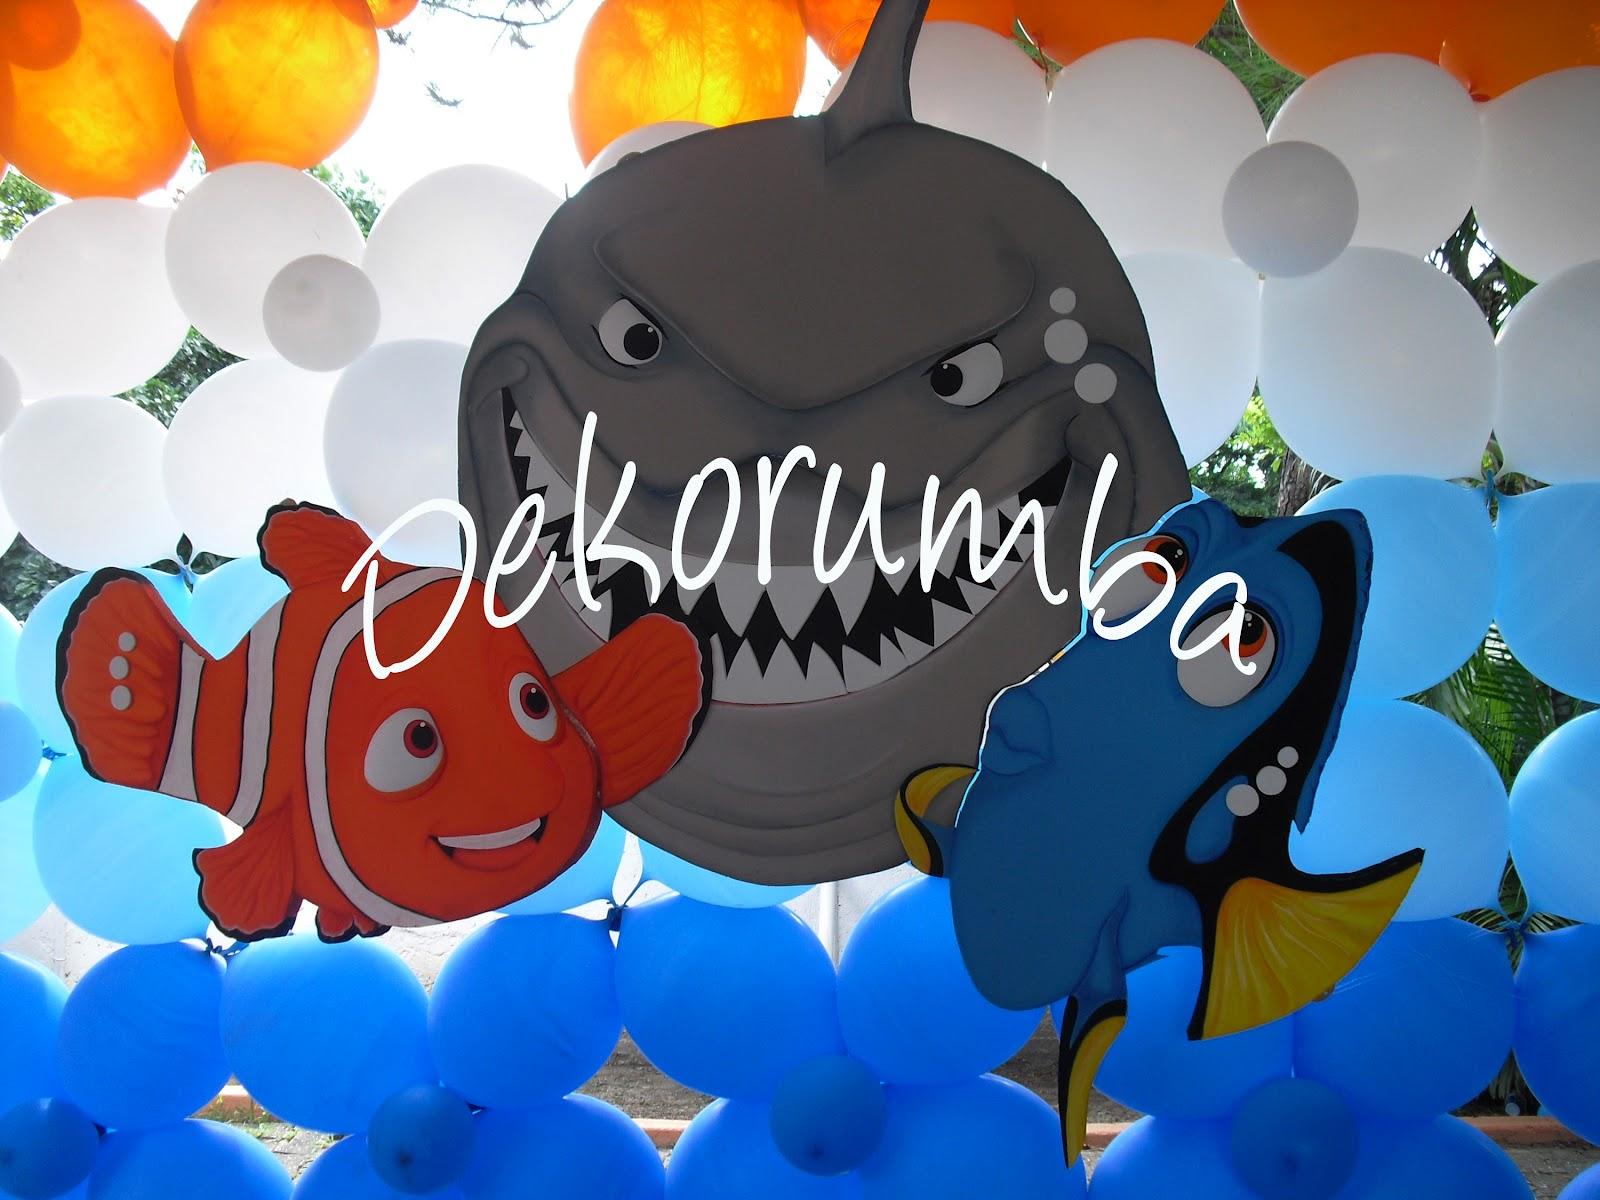 Dekorumba: Imagenes Decorativas de Buscando a Nemo